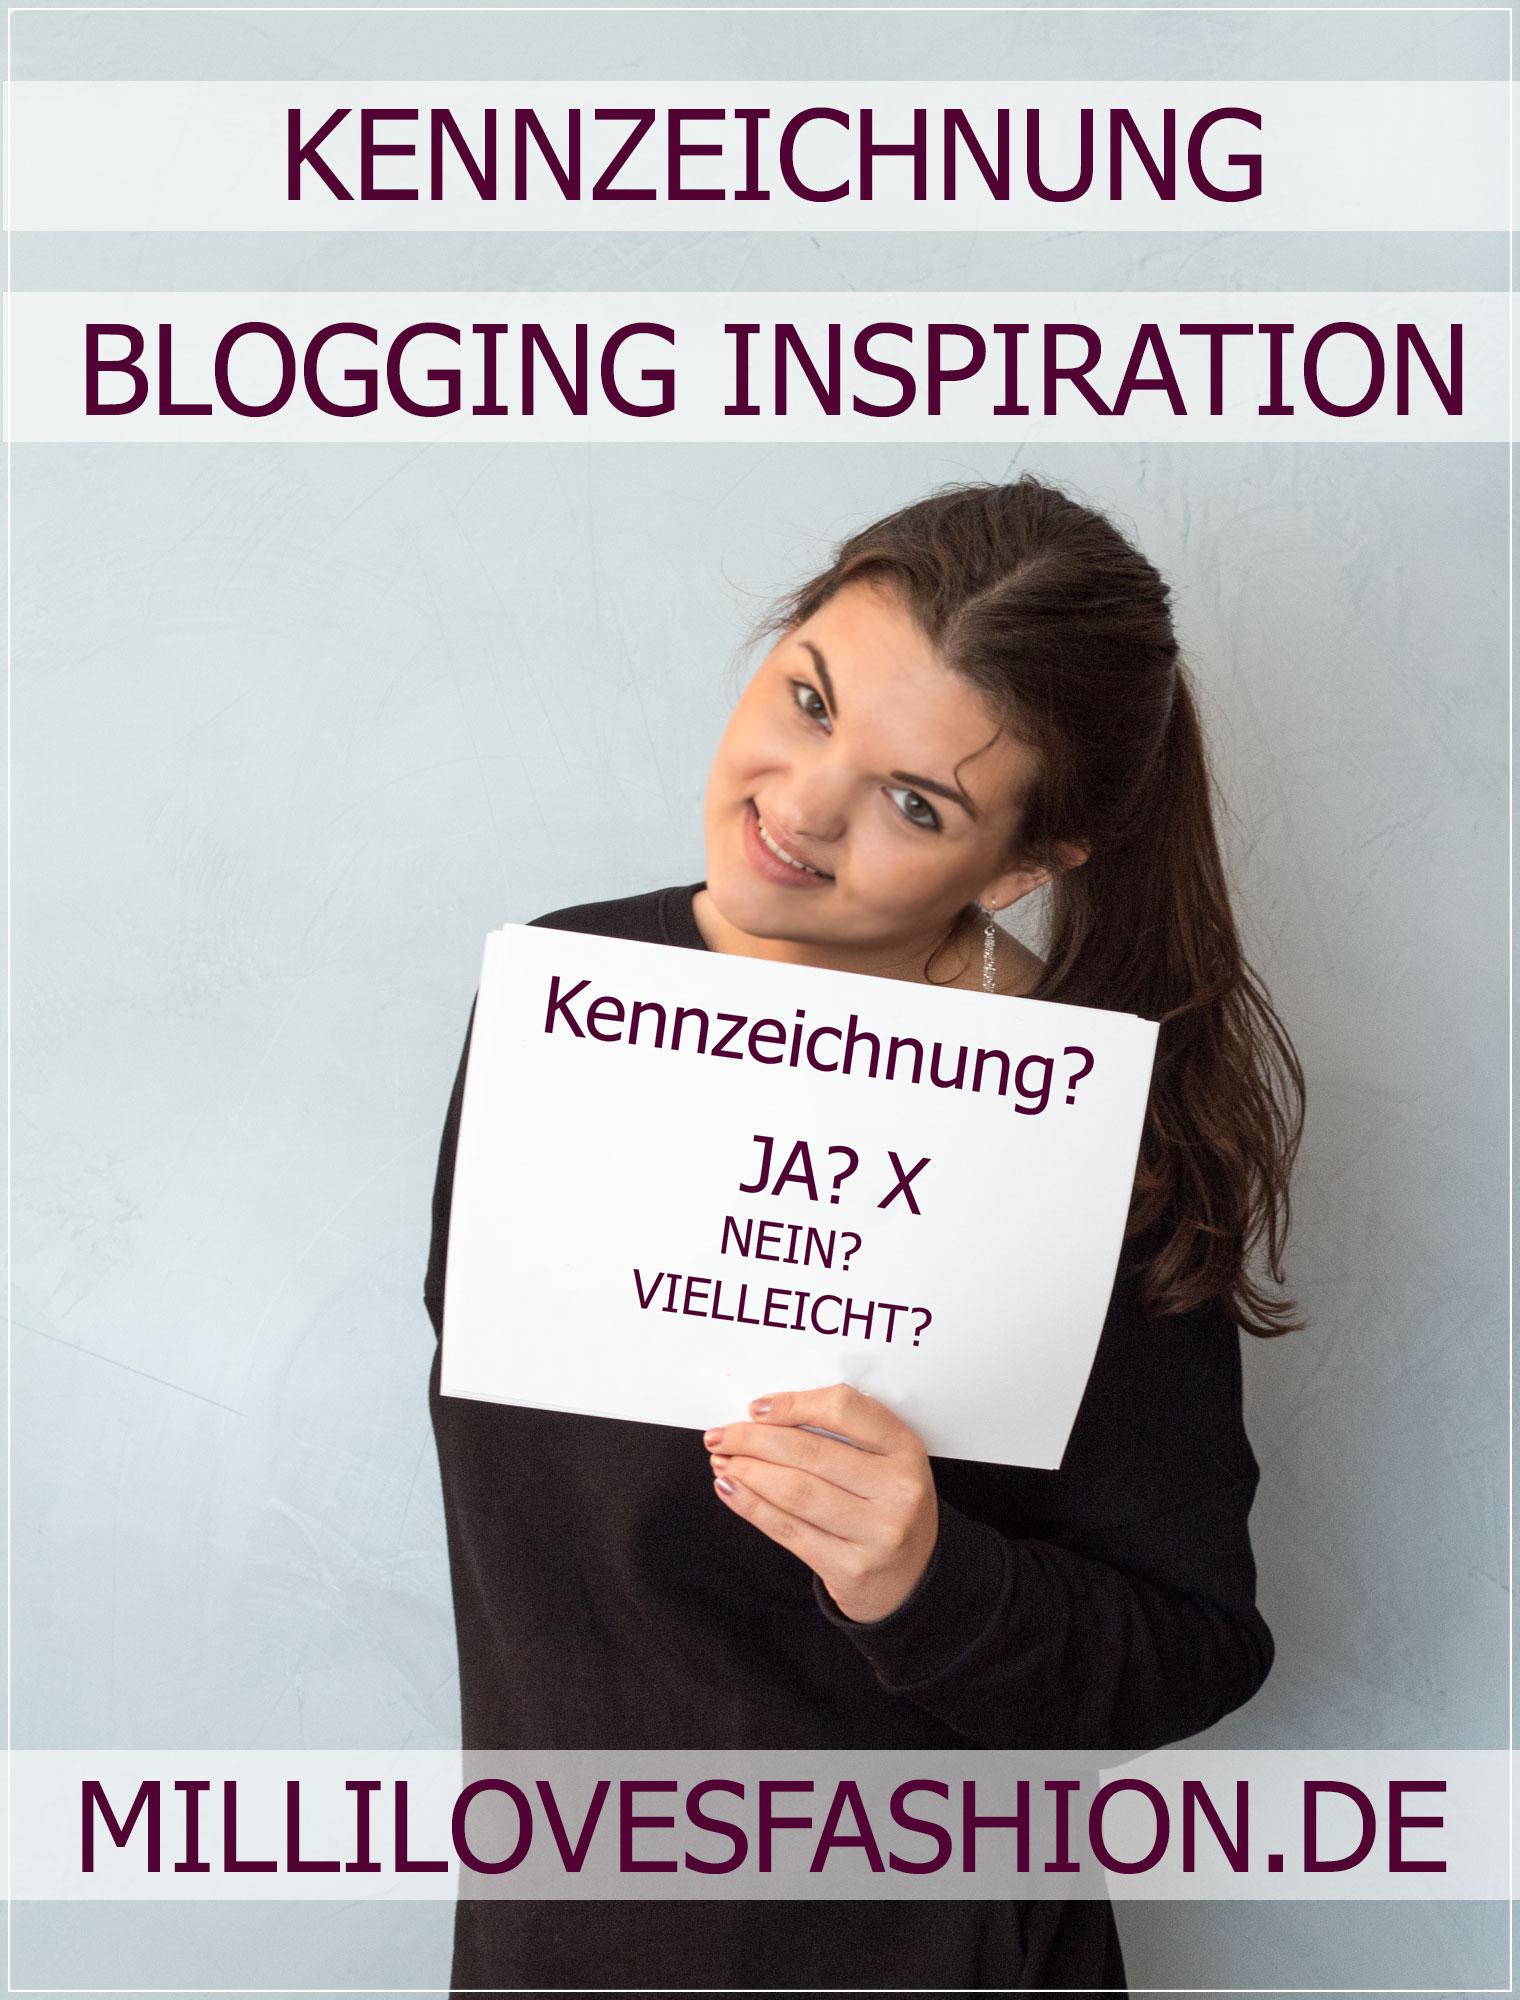 Kennzeichnung von Werbung, werbliche Inhalte, Kennzeichnung, Blogger, Werbung richtig kennzeichnen, Blogger Tipps